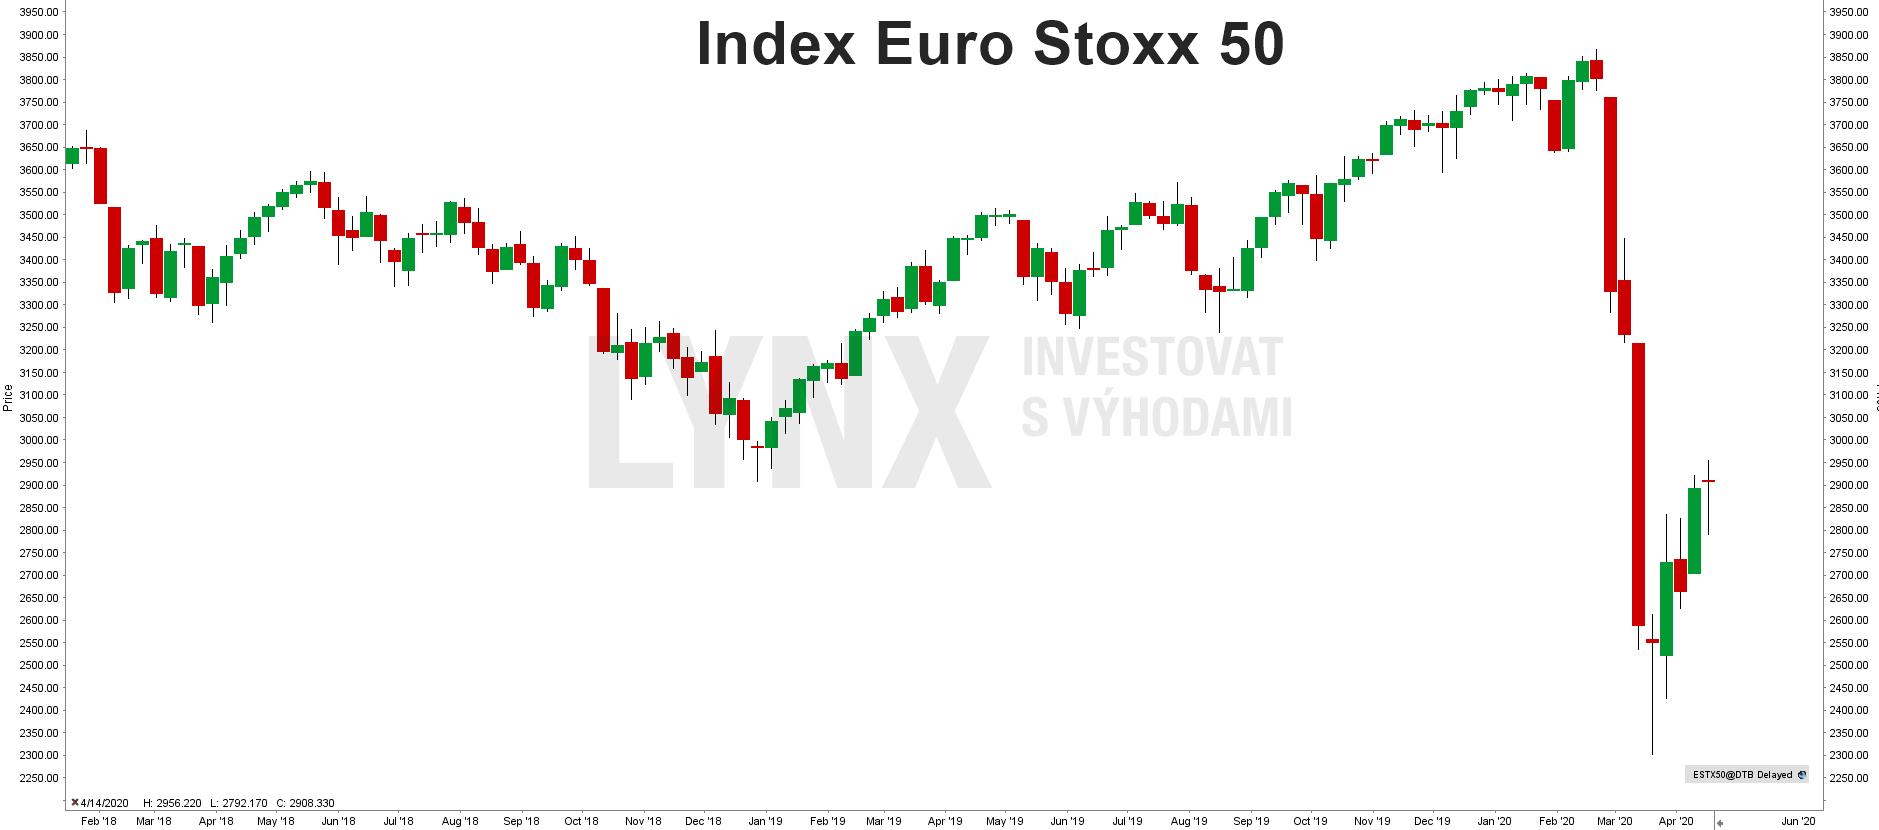 Graf indexu Euro Stoxx 50